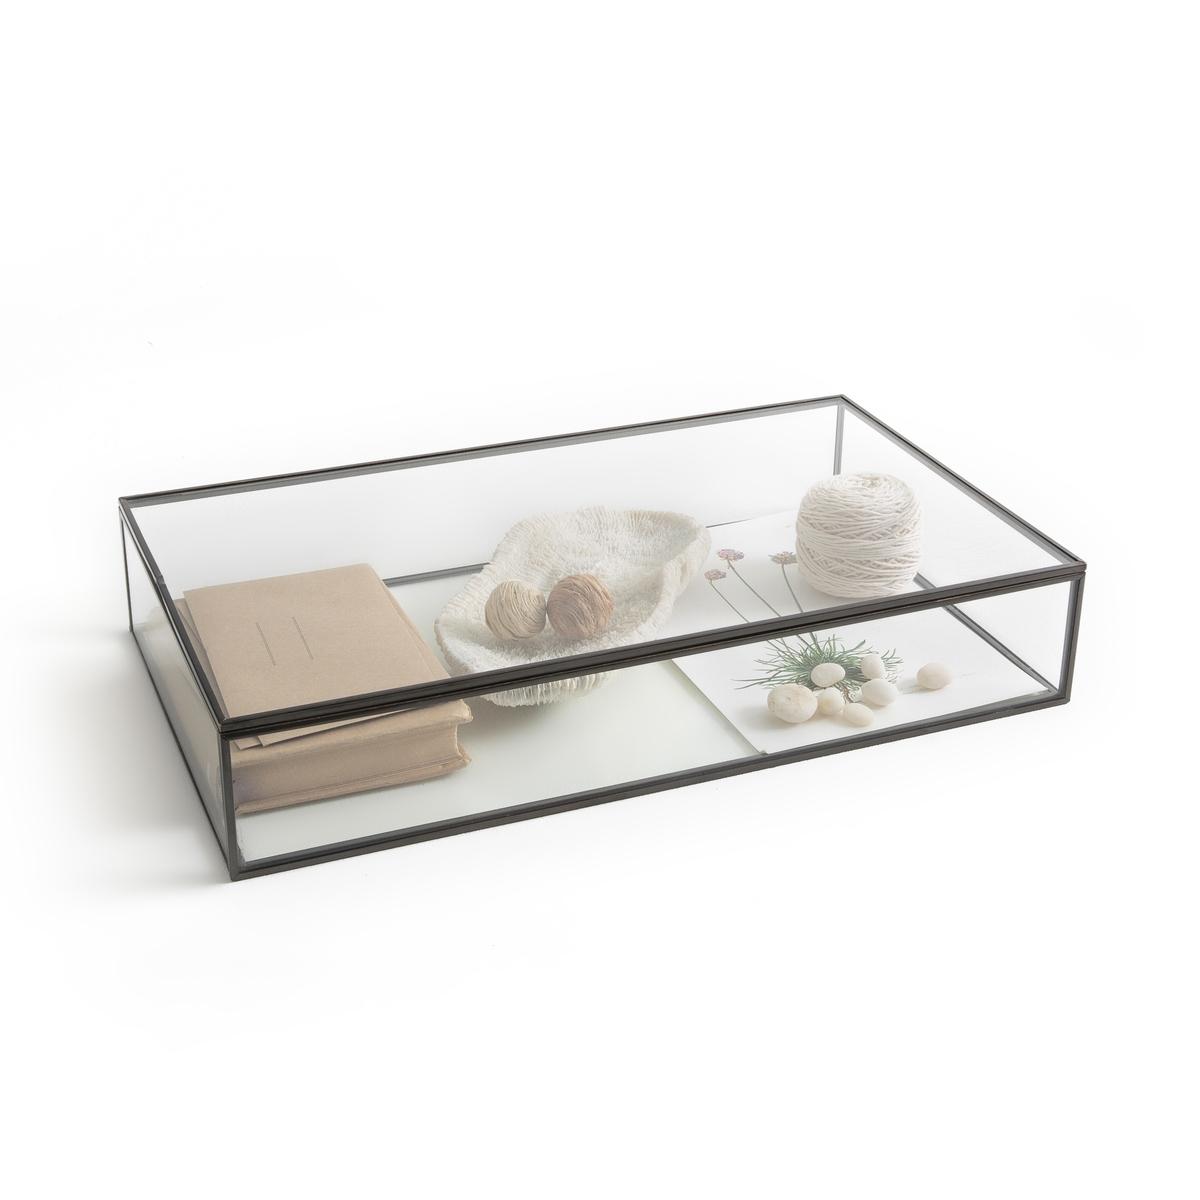 Коробка-витрина Ш.50xВ.9xГ.29 см, DigoriКоробка Digori. Коробка для хранения и демонстрации украшений, драгоценностей и других ценных предметов.Описание  :- Из стекла и металла с отделкой под латунь или оружейную сталь с эффектом старения.- Очень качественная отделка :- Ш.50 x В.9 x Г.29 см- Толщина стекла : 0,4 мм<br><br>Цвет: темно-серый металл